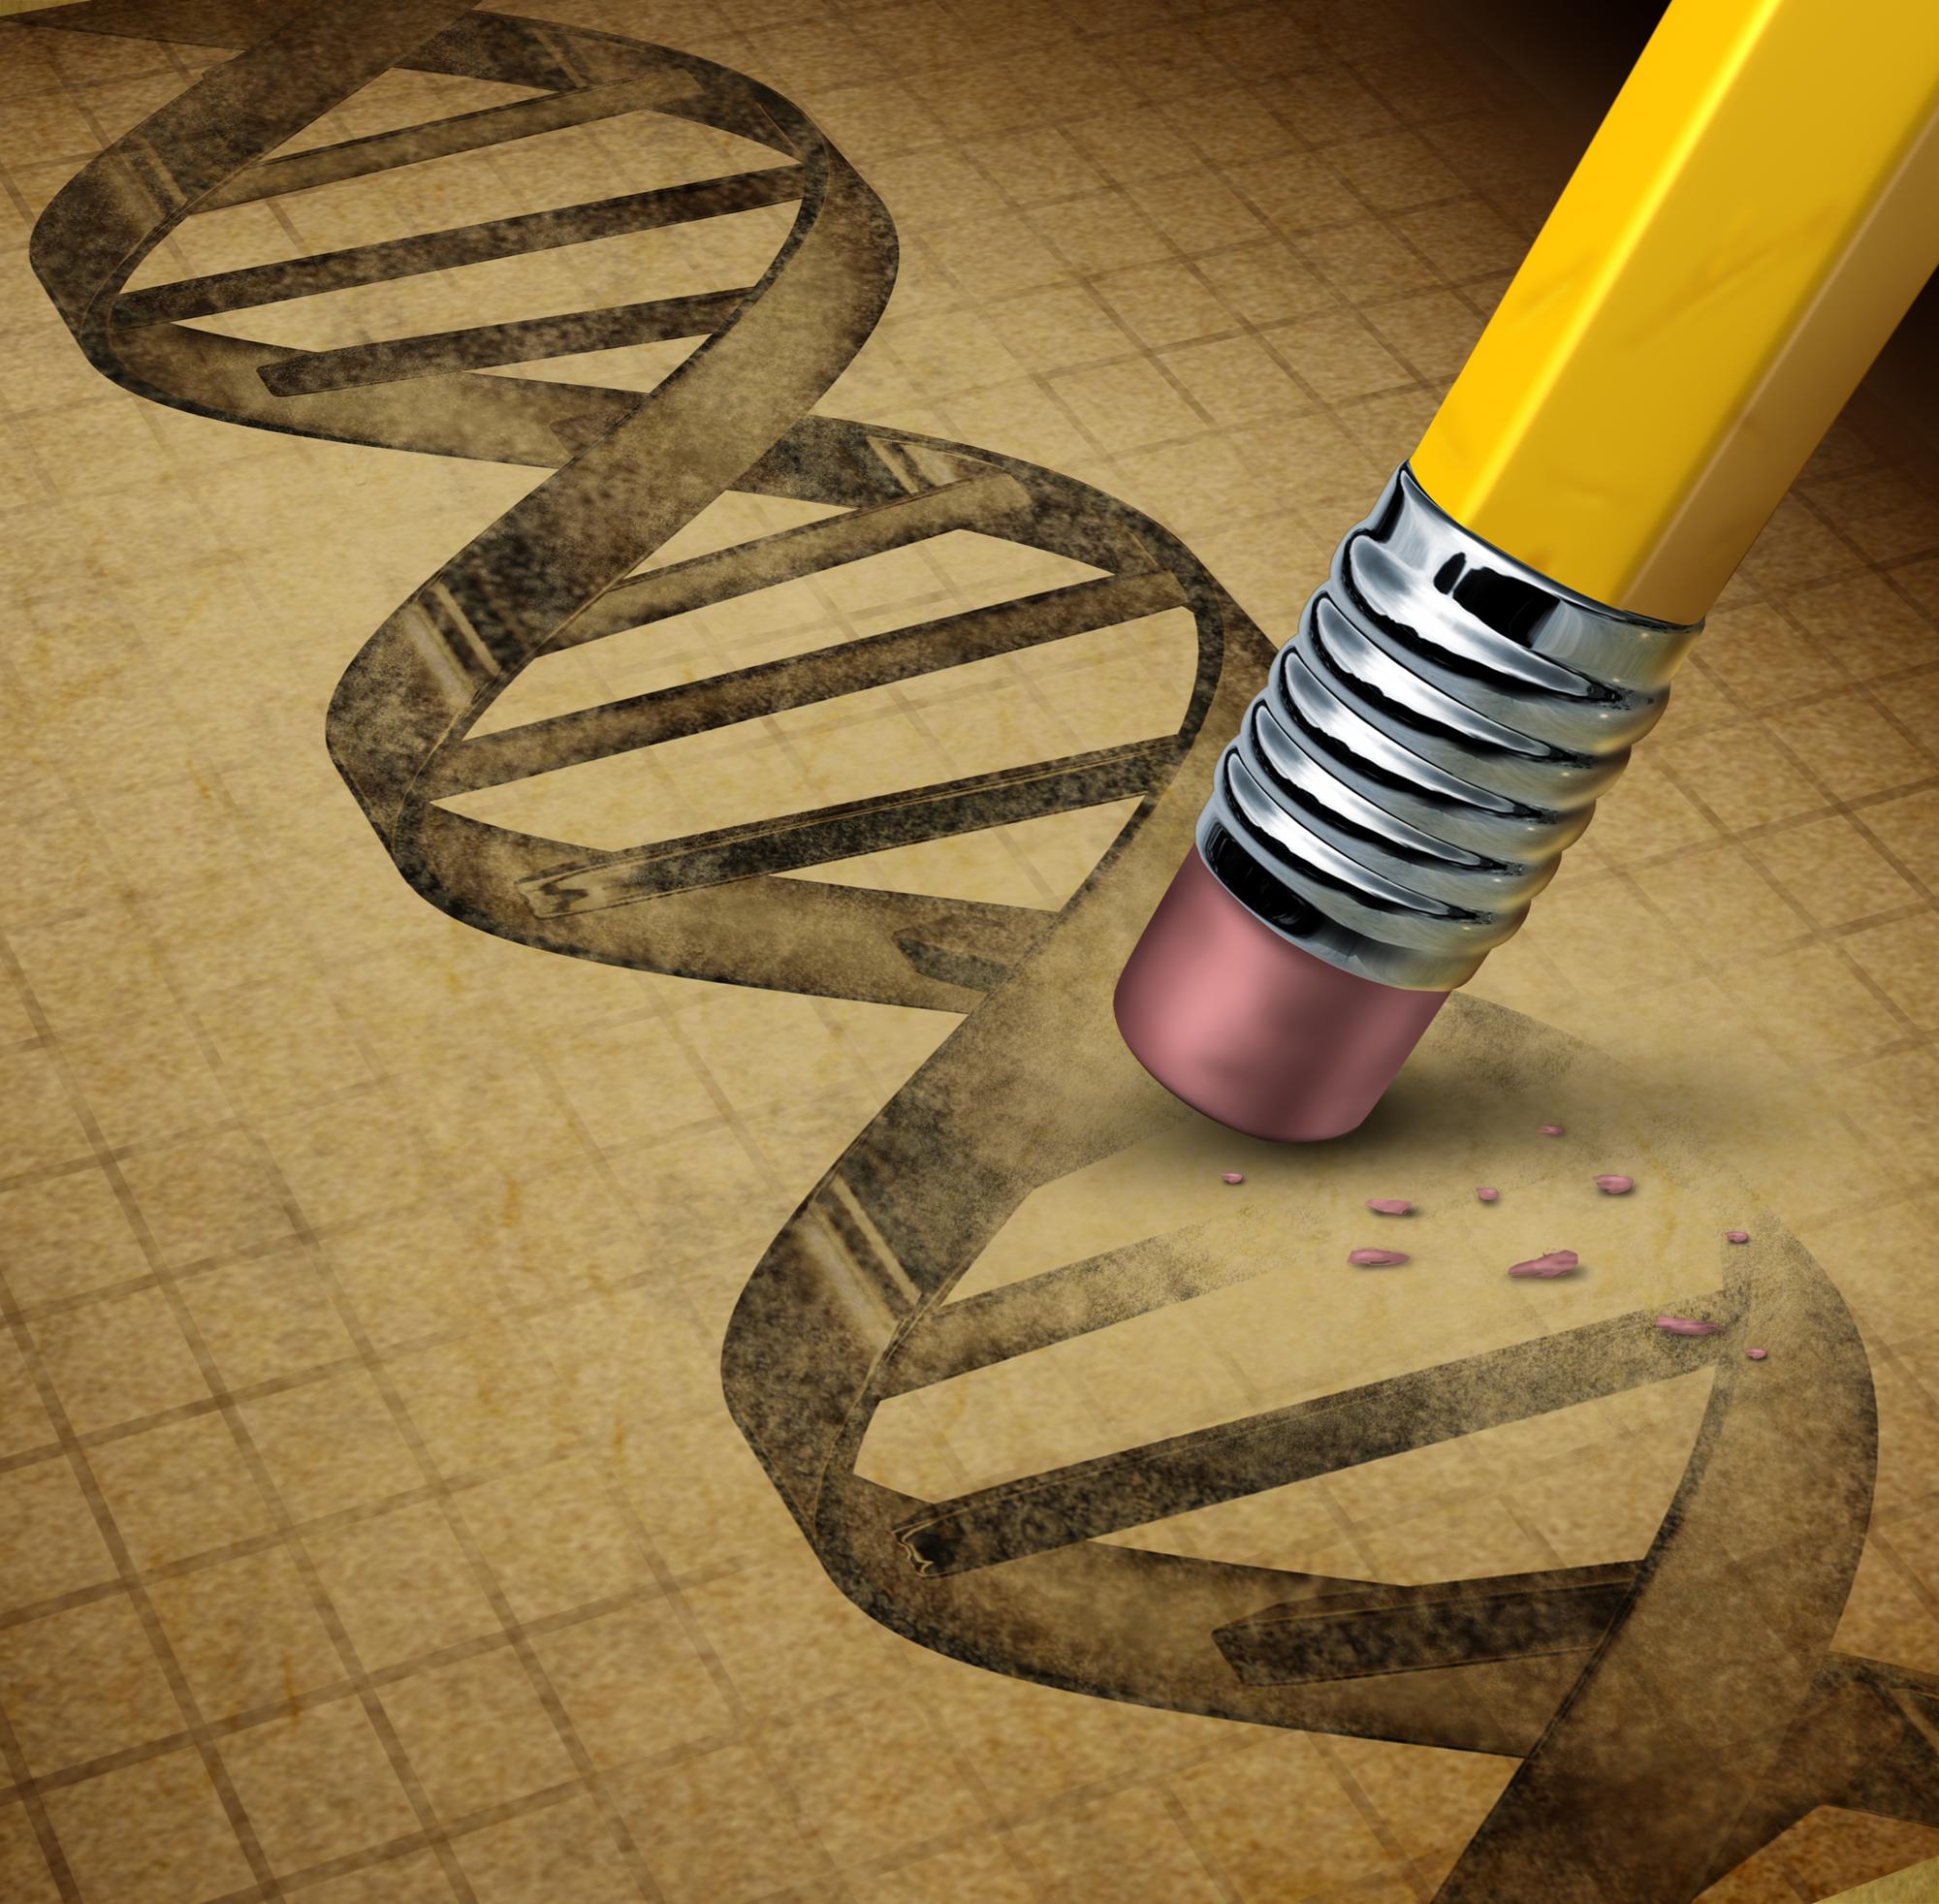 Программист воспользовался данными о ДНК, чтобы создать расистский фаервол